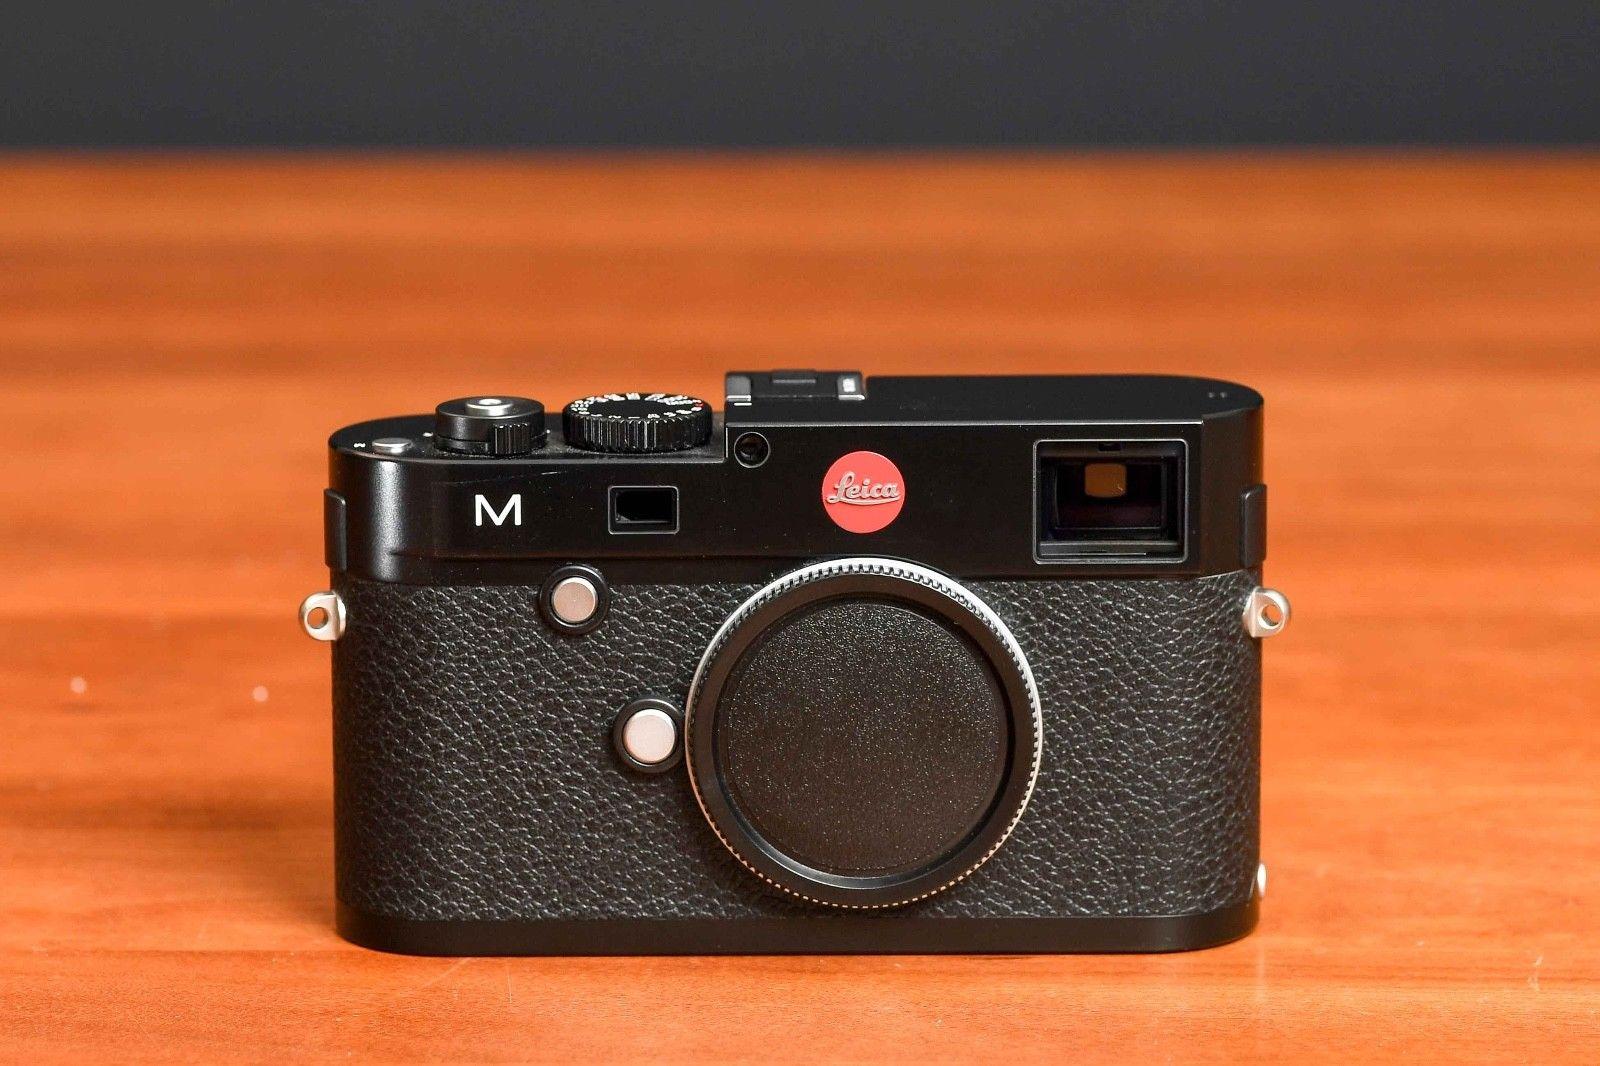 Leica M (Typ 240) 24.0 MP Digitalkamera - Schwarz - Unter 1.000 Auslösungen!